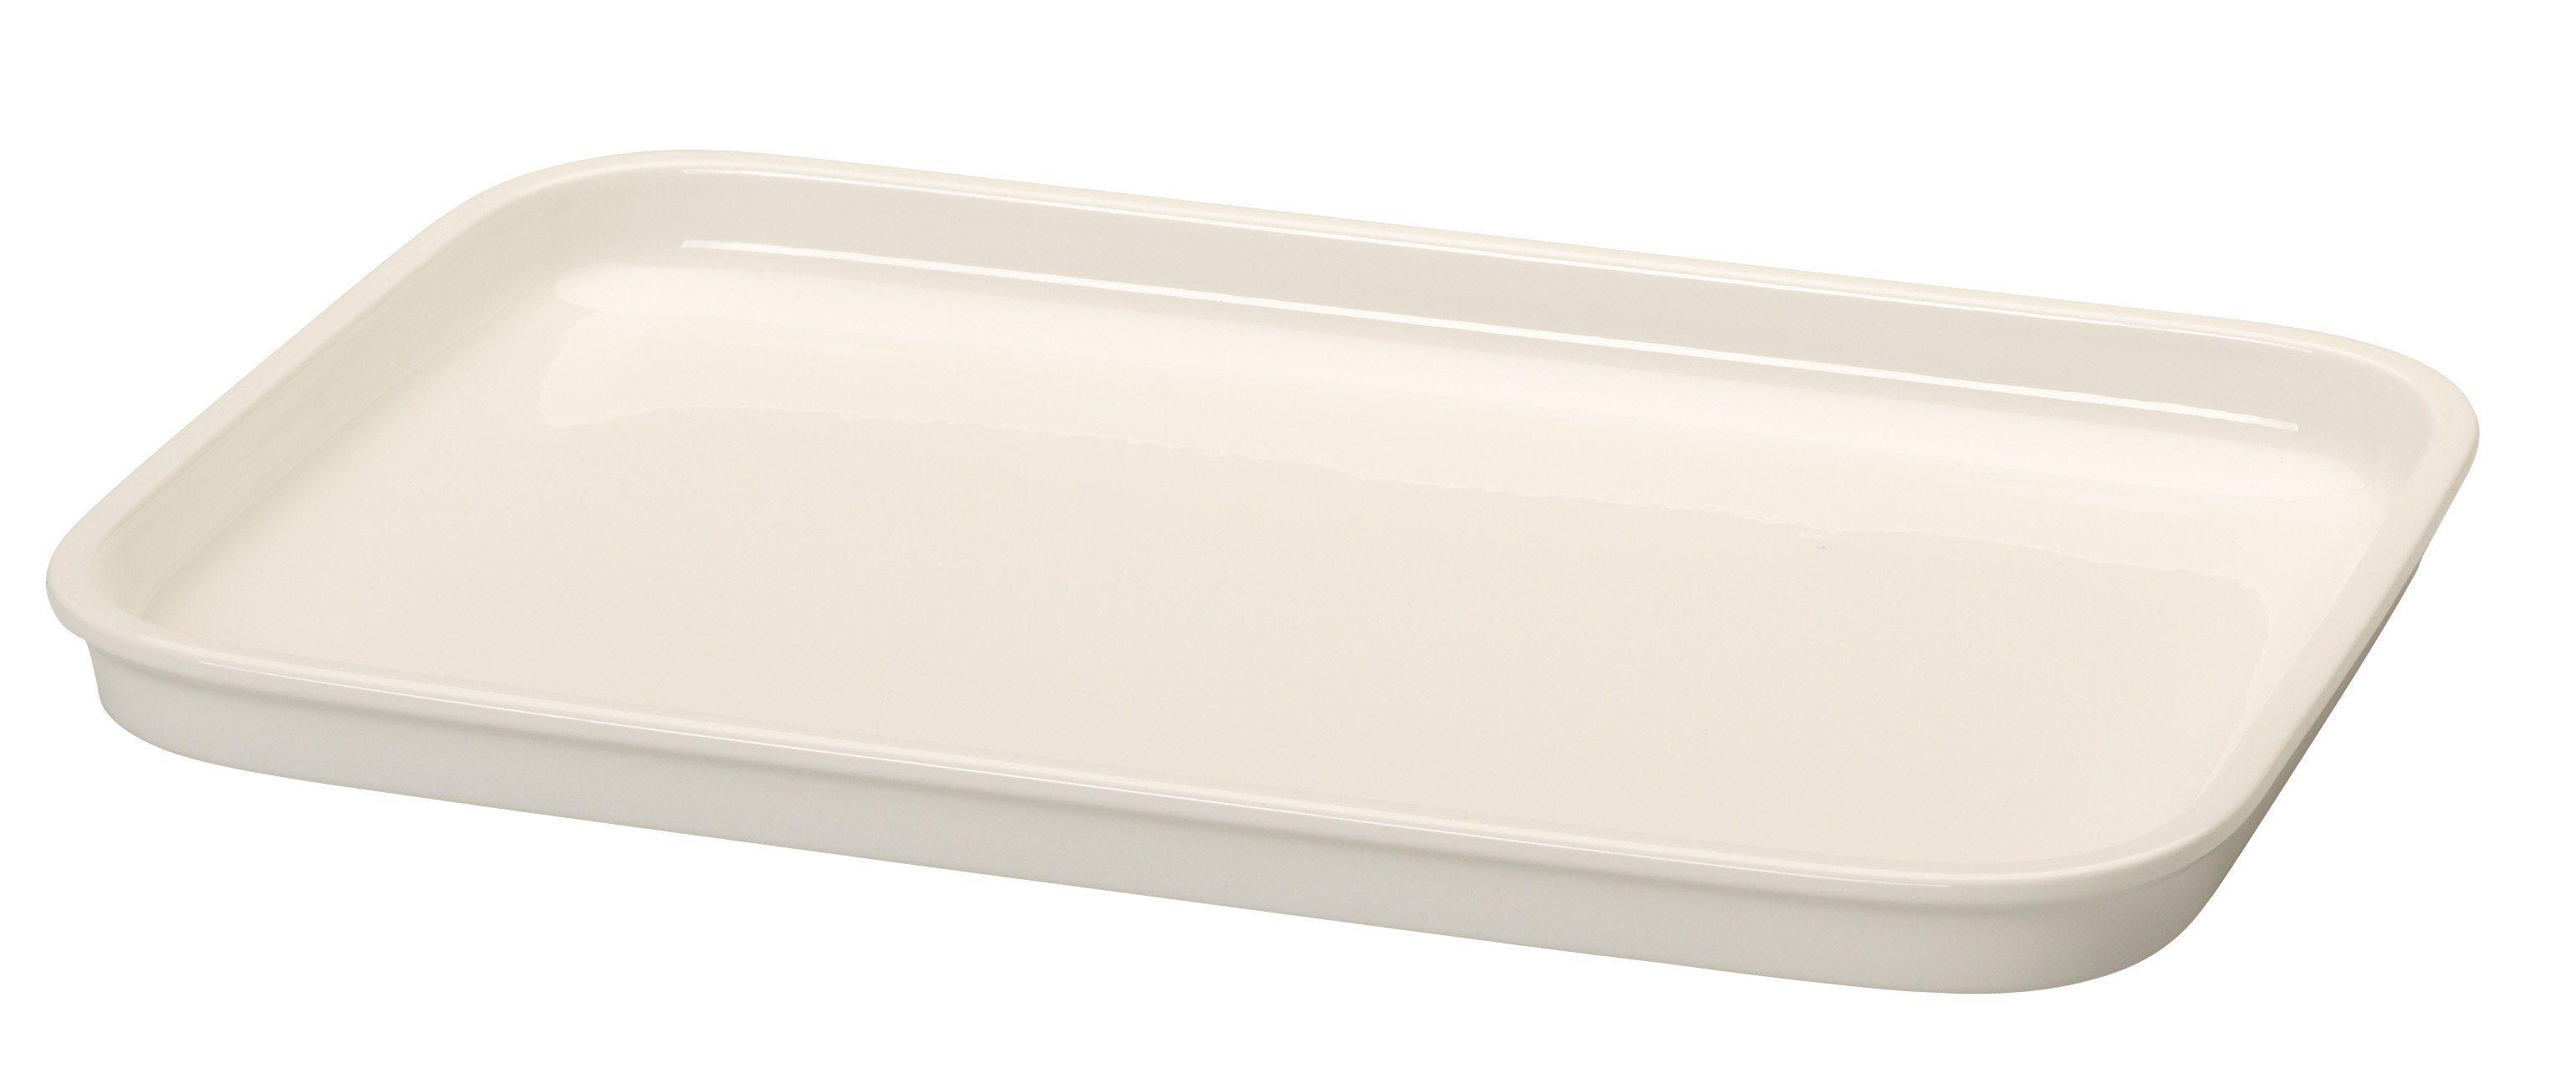 Villeroy & Boch Servierplatte rechteckig 32x22cm »Clever Cooking«